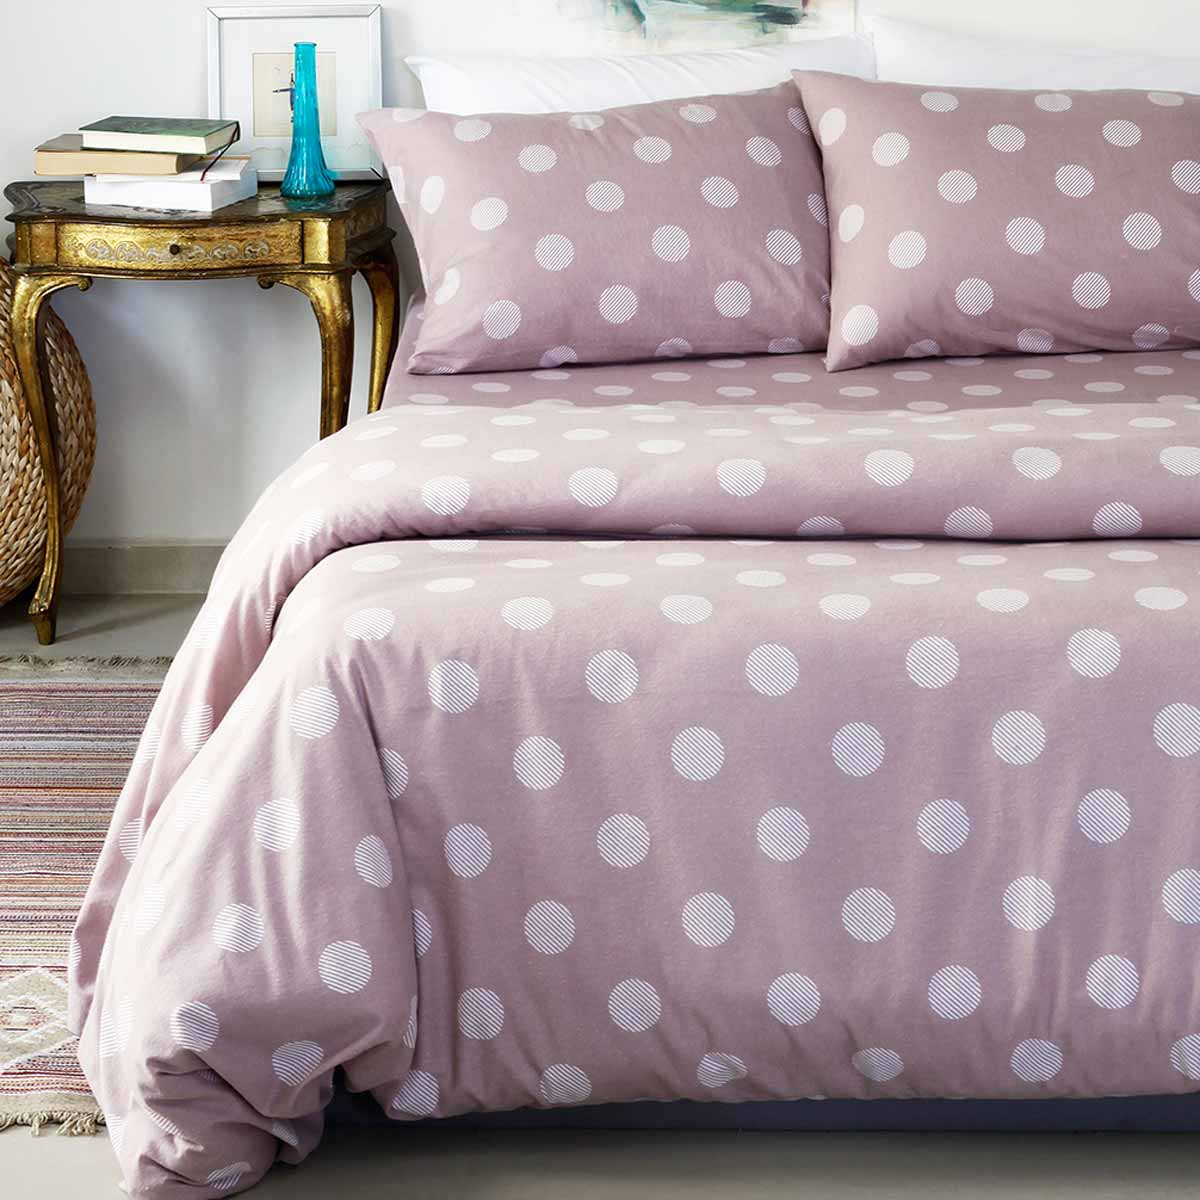 Φανελένια Σεντόνια Διπλά (Σετ) Melinen Poua Violet home   κρεβατοκάμαρα   σεντόνια   σεντόνια ημίδιπλα   διπλά